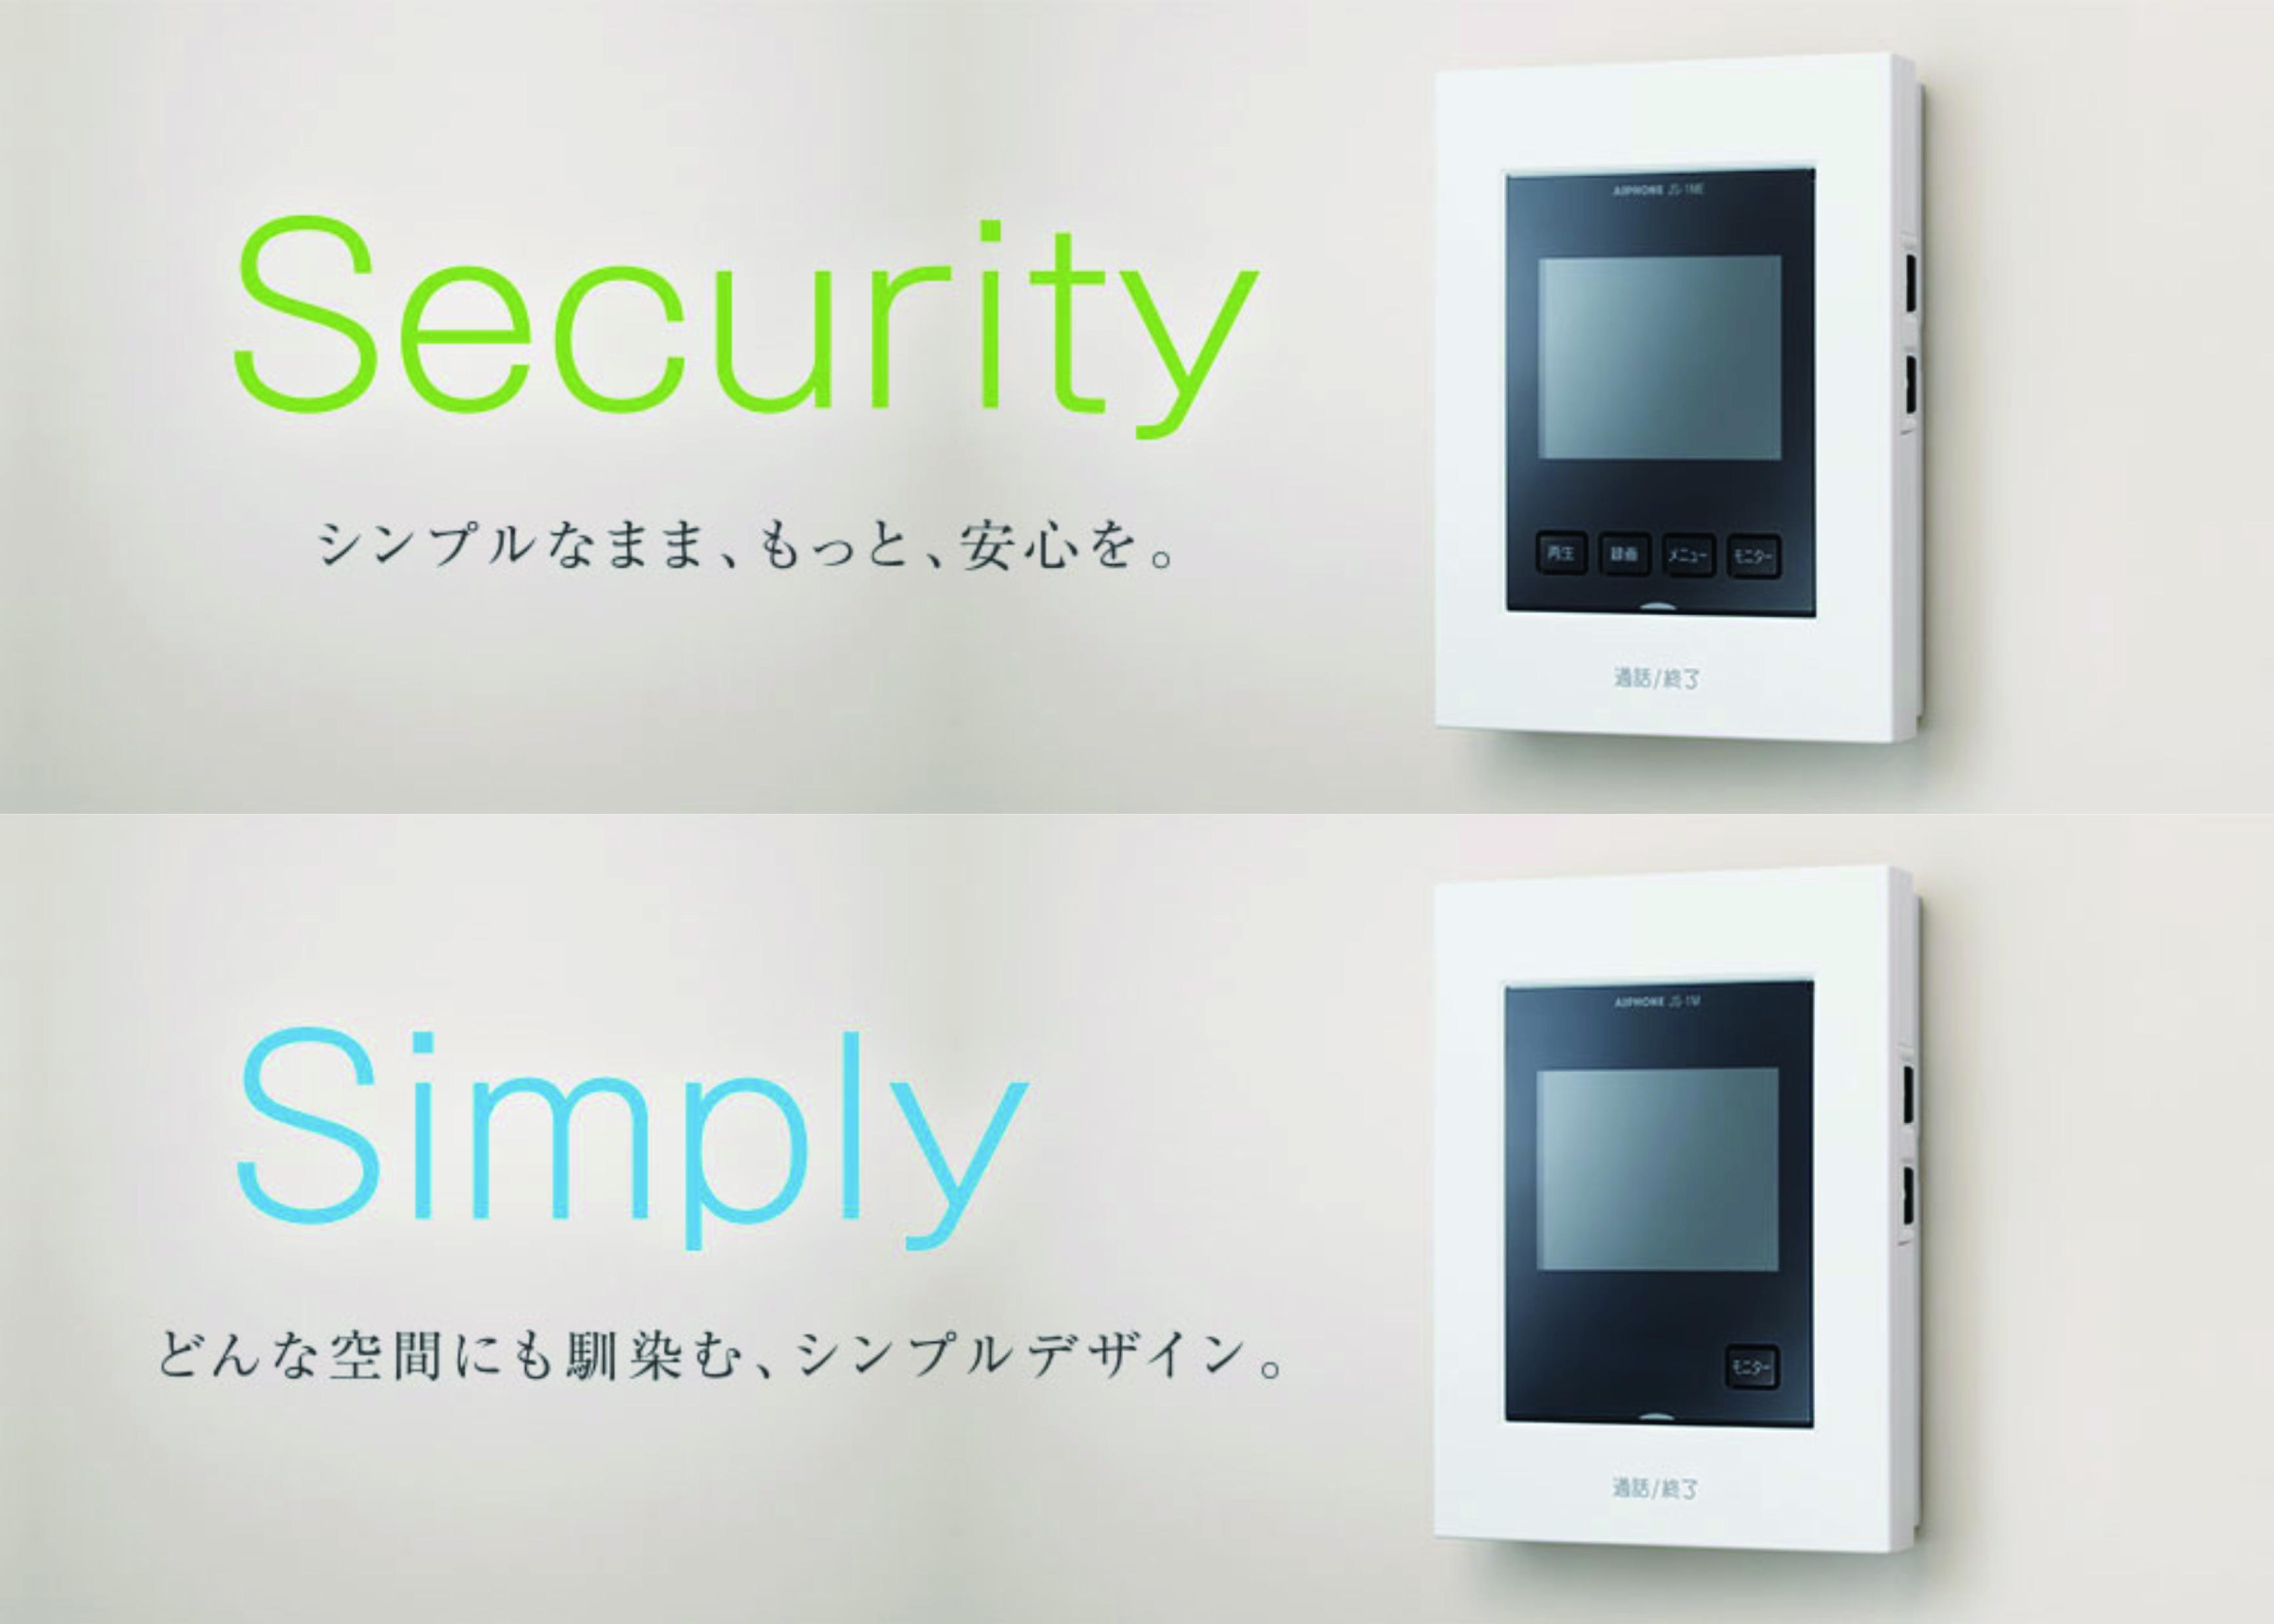 【アイホン】シンプルなデザインで利便性を高めたテレビドアホン「JS-12、JS-12E」が新登場の画像